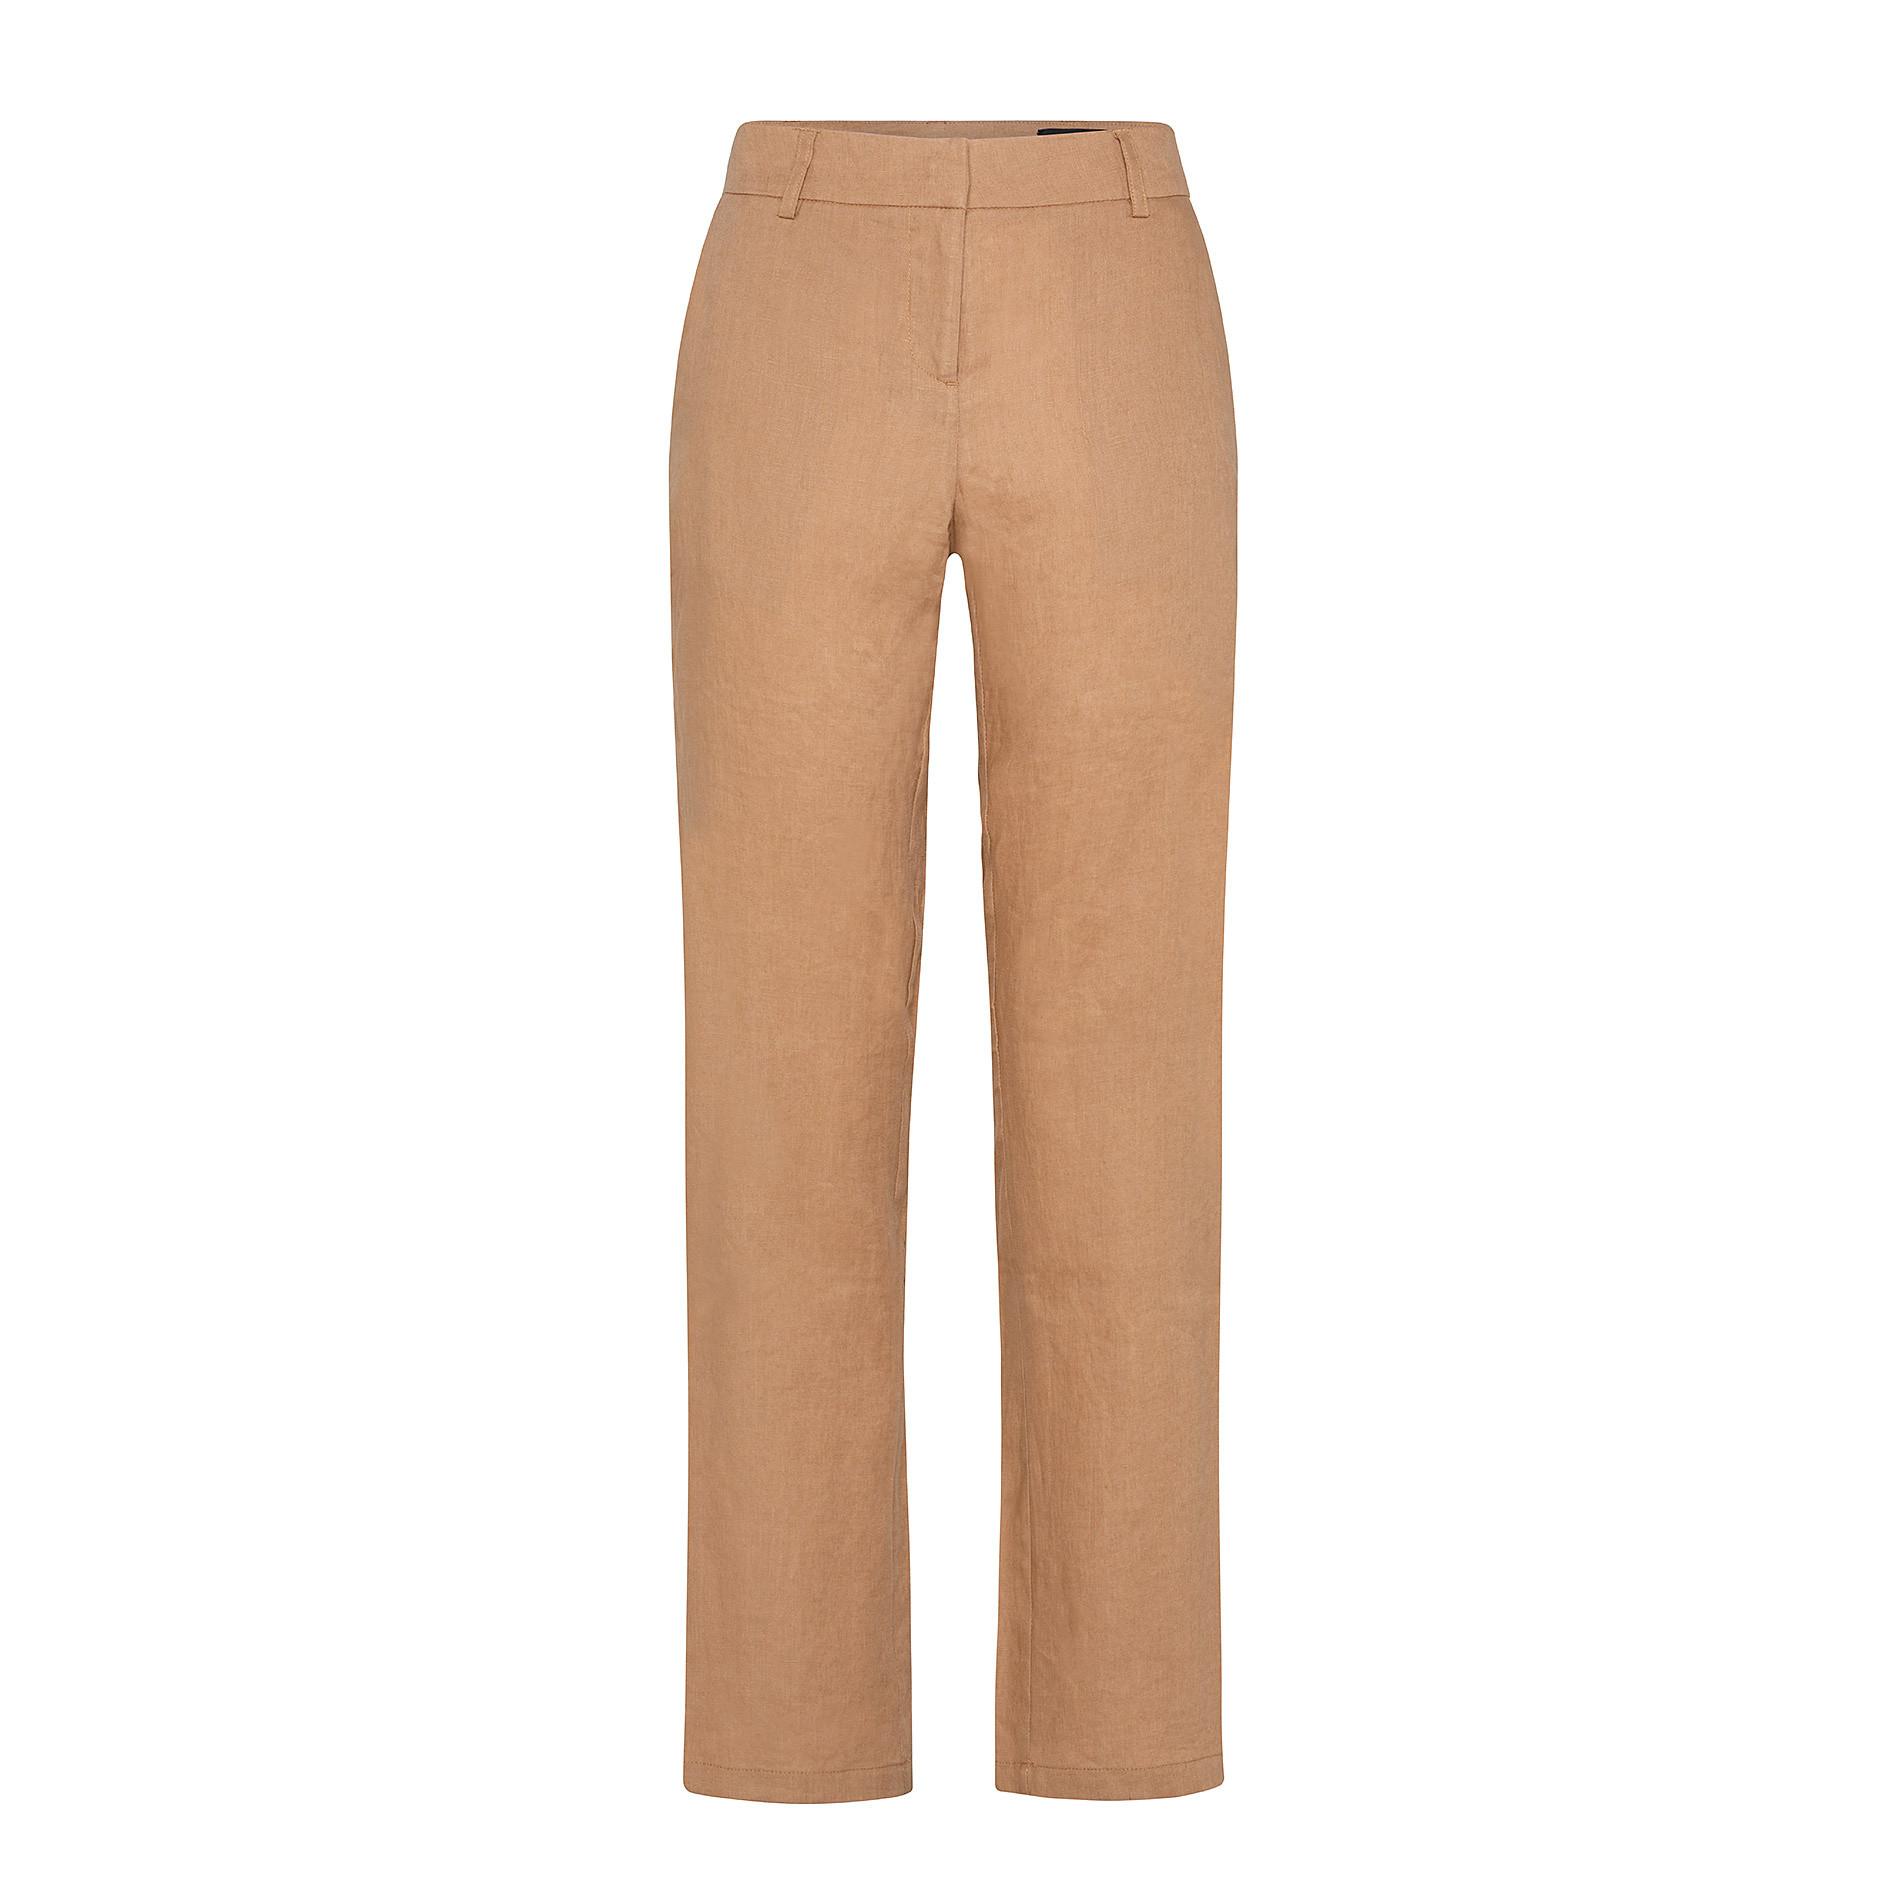 Pantalone classico in 100% lino con tasche Koan, Arancione, large image number 0